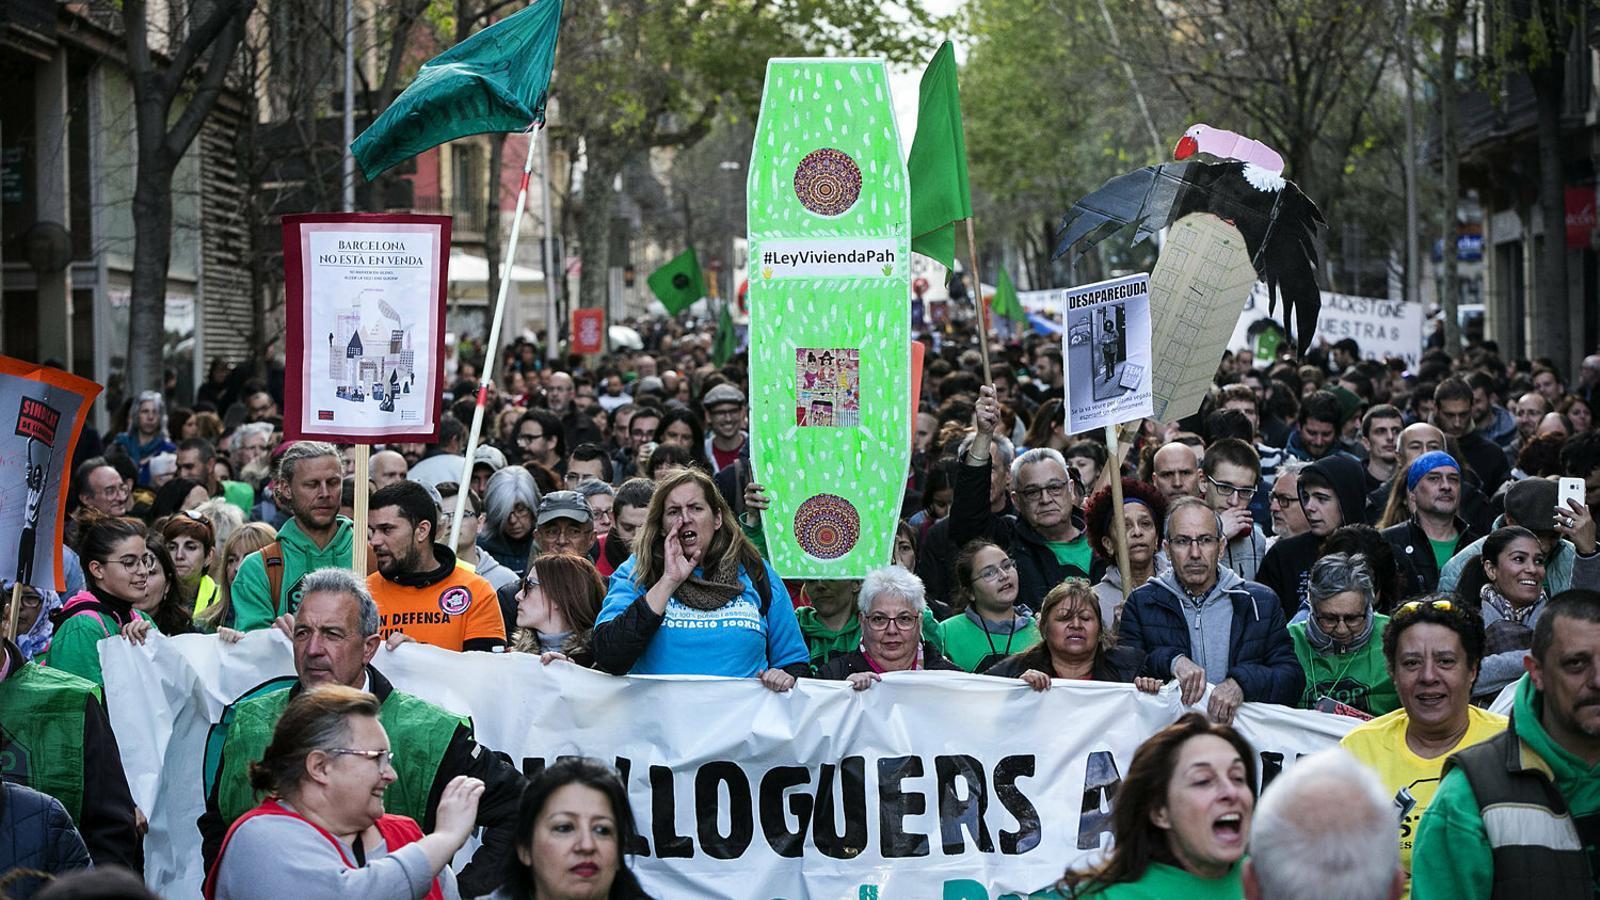 Les lluites per l'habitatge: una dècada forçant l'agenda política